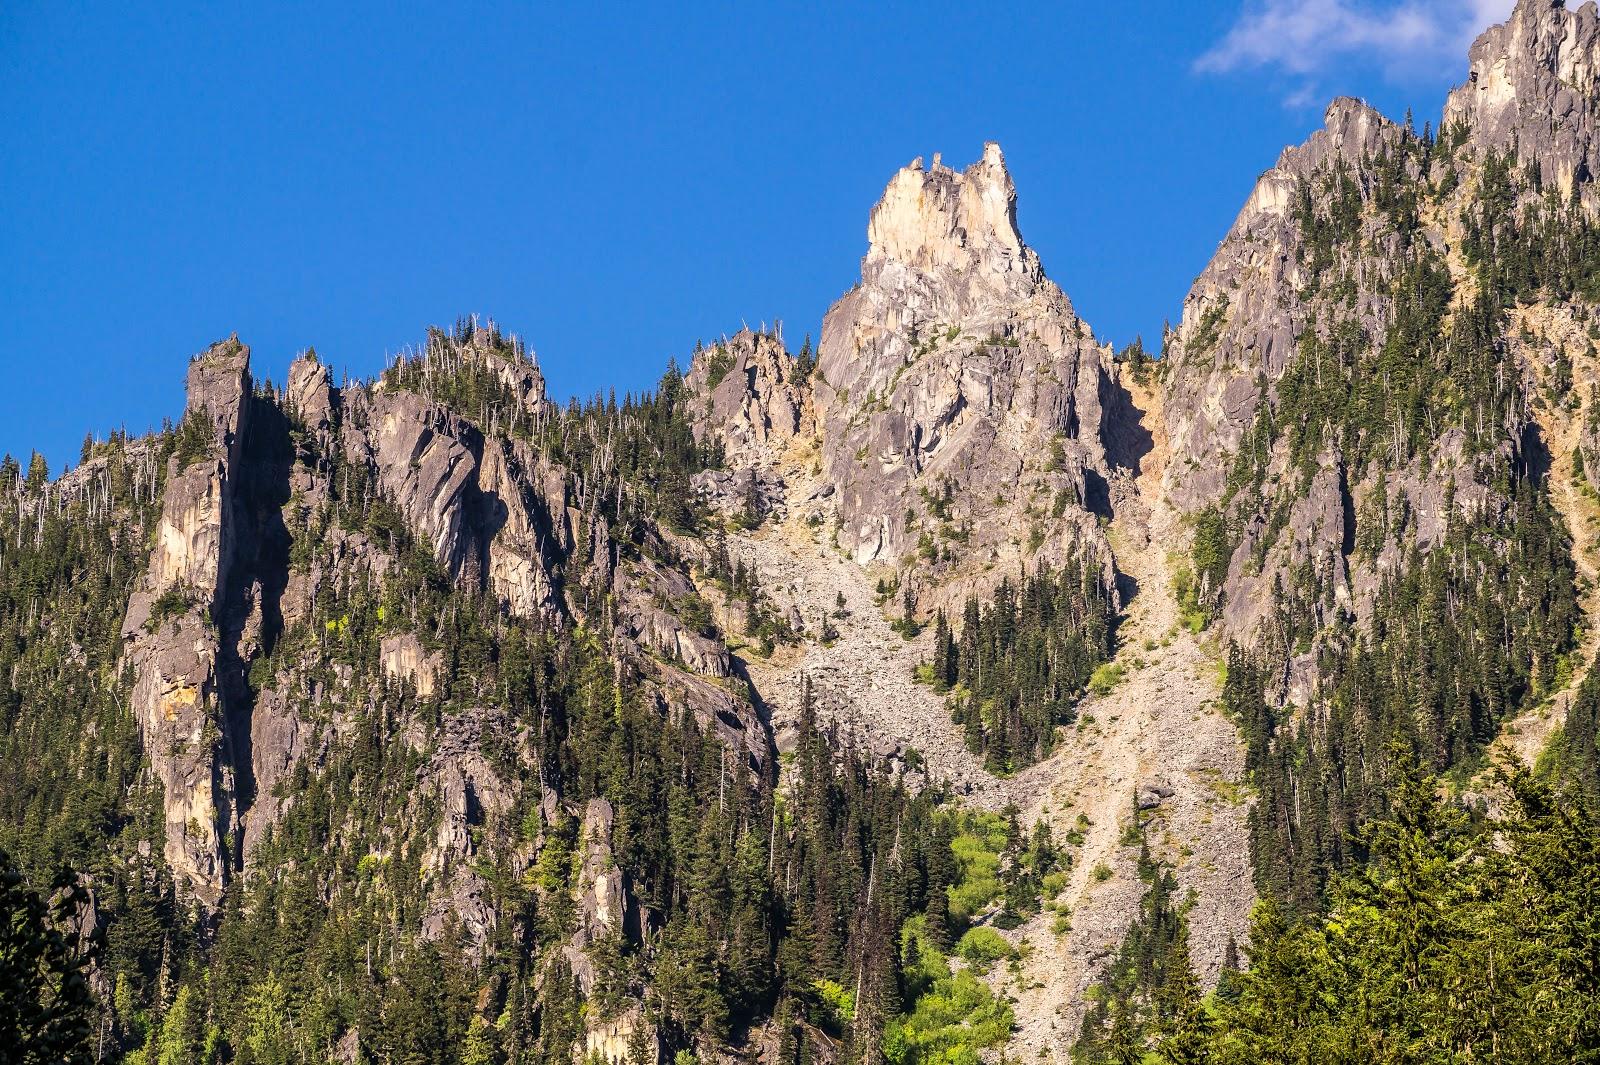 Над противоположным берегом нависают настоящие скалистые гребни.